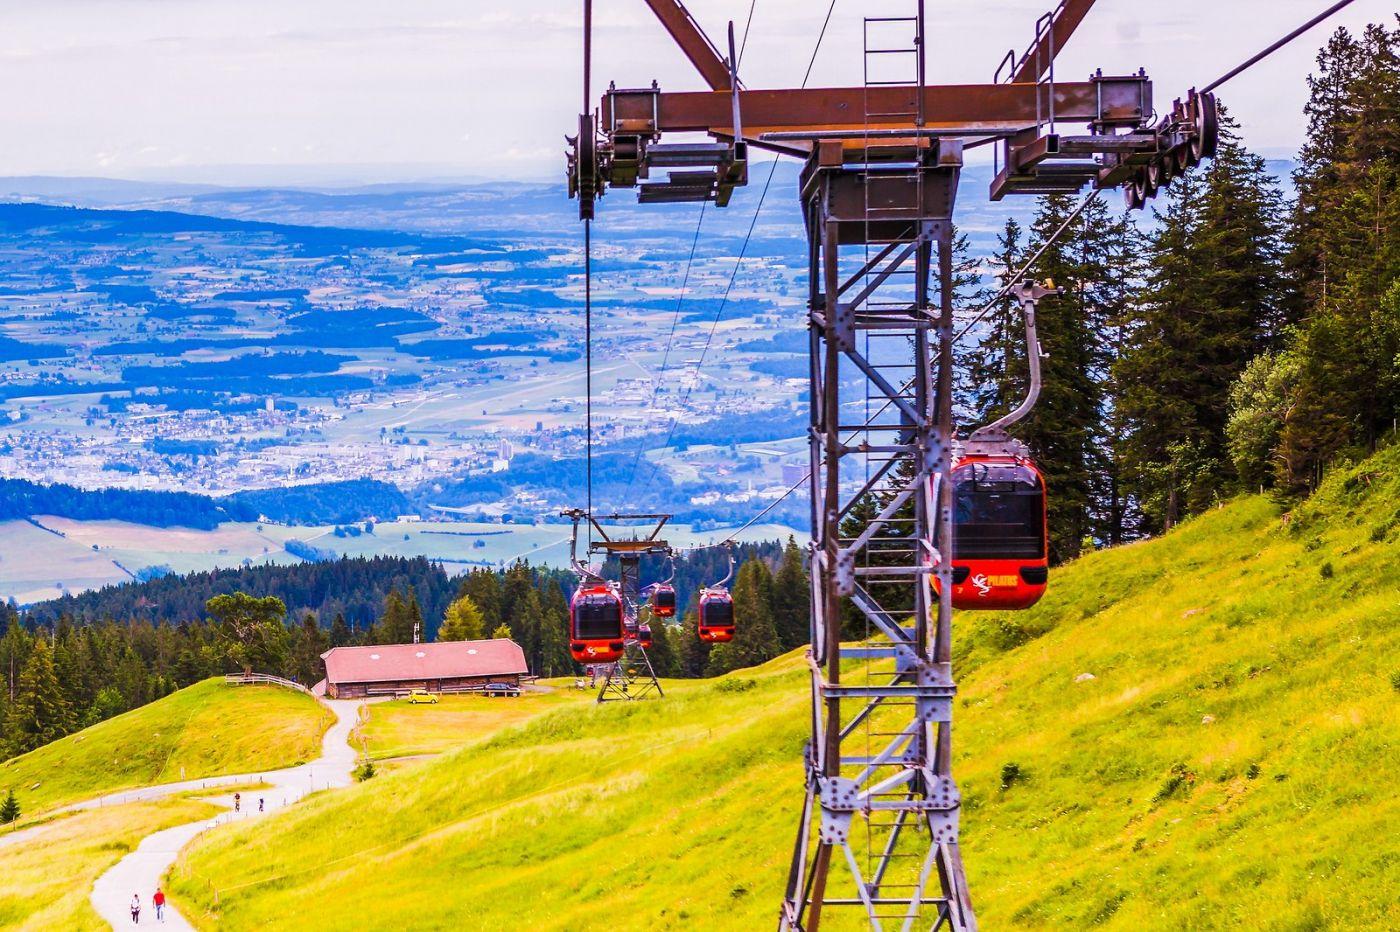 瑞士卢塞恩(Lucerne),坐缆车看风景_图1-28